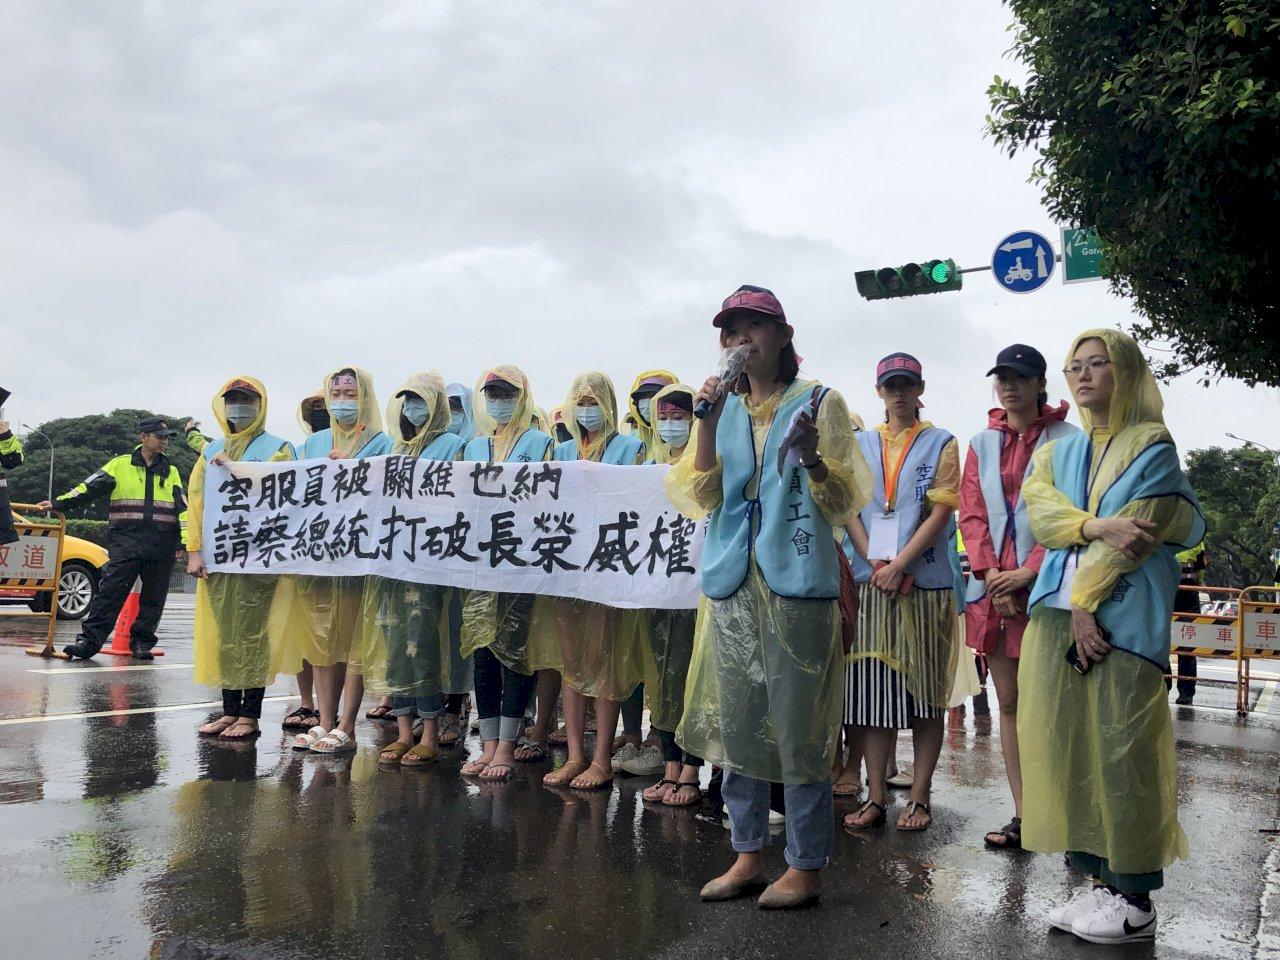 罷工第5天 空服工會打親情牌並向總統陳情